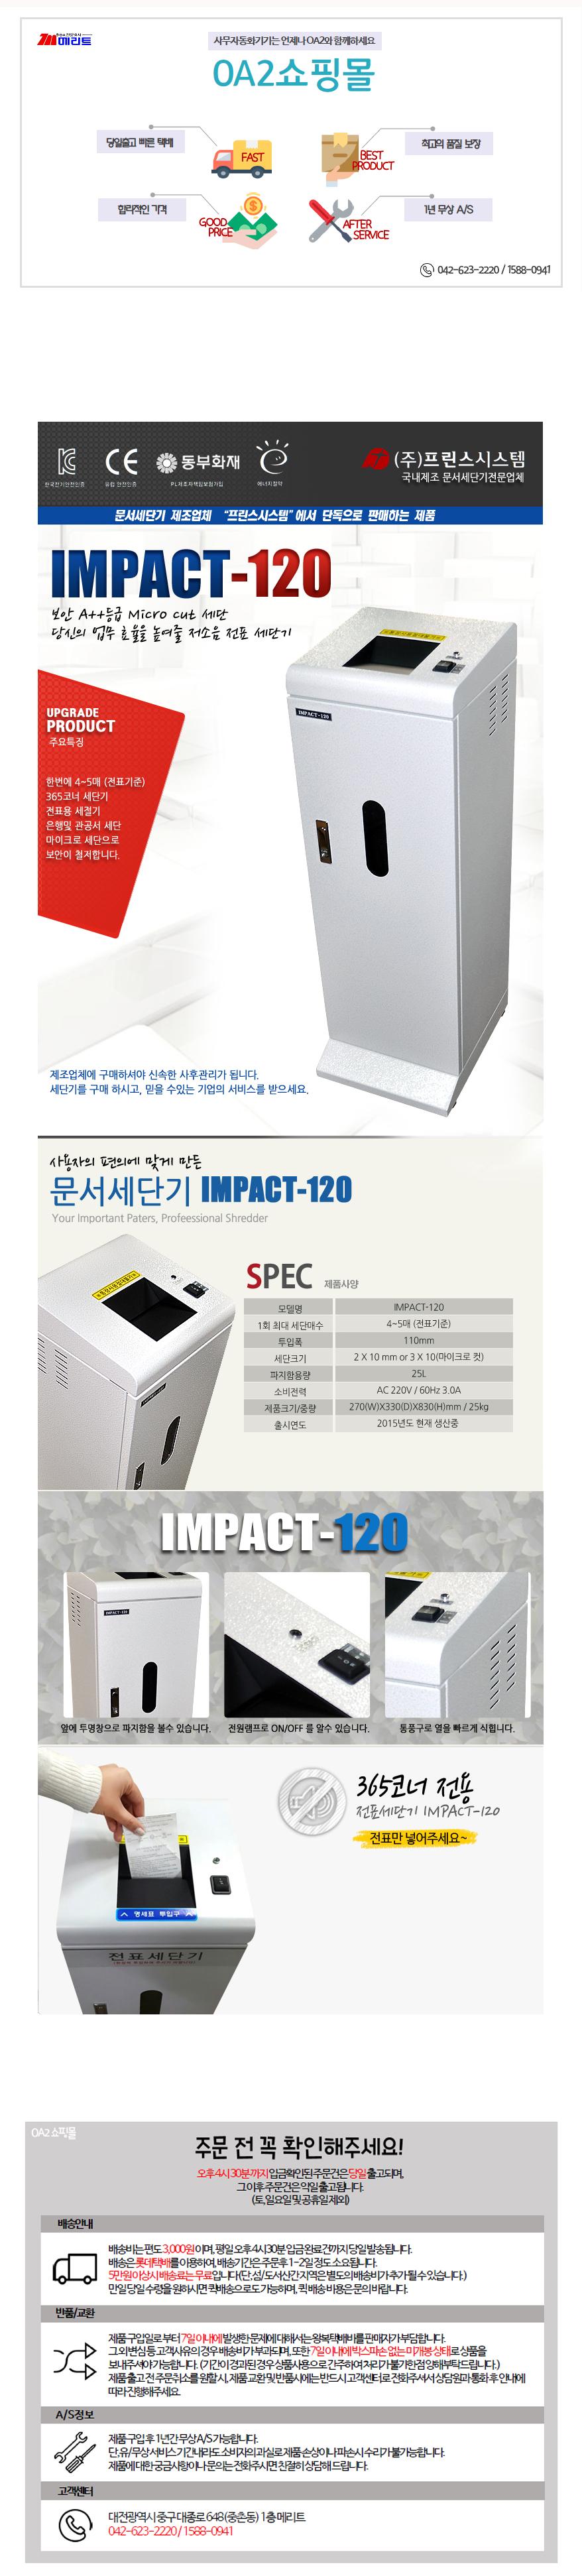 impact-120n-CT.jpg